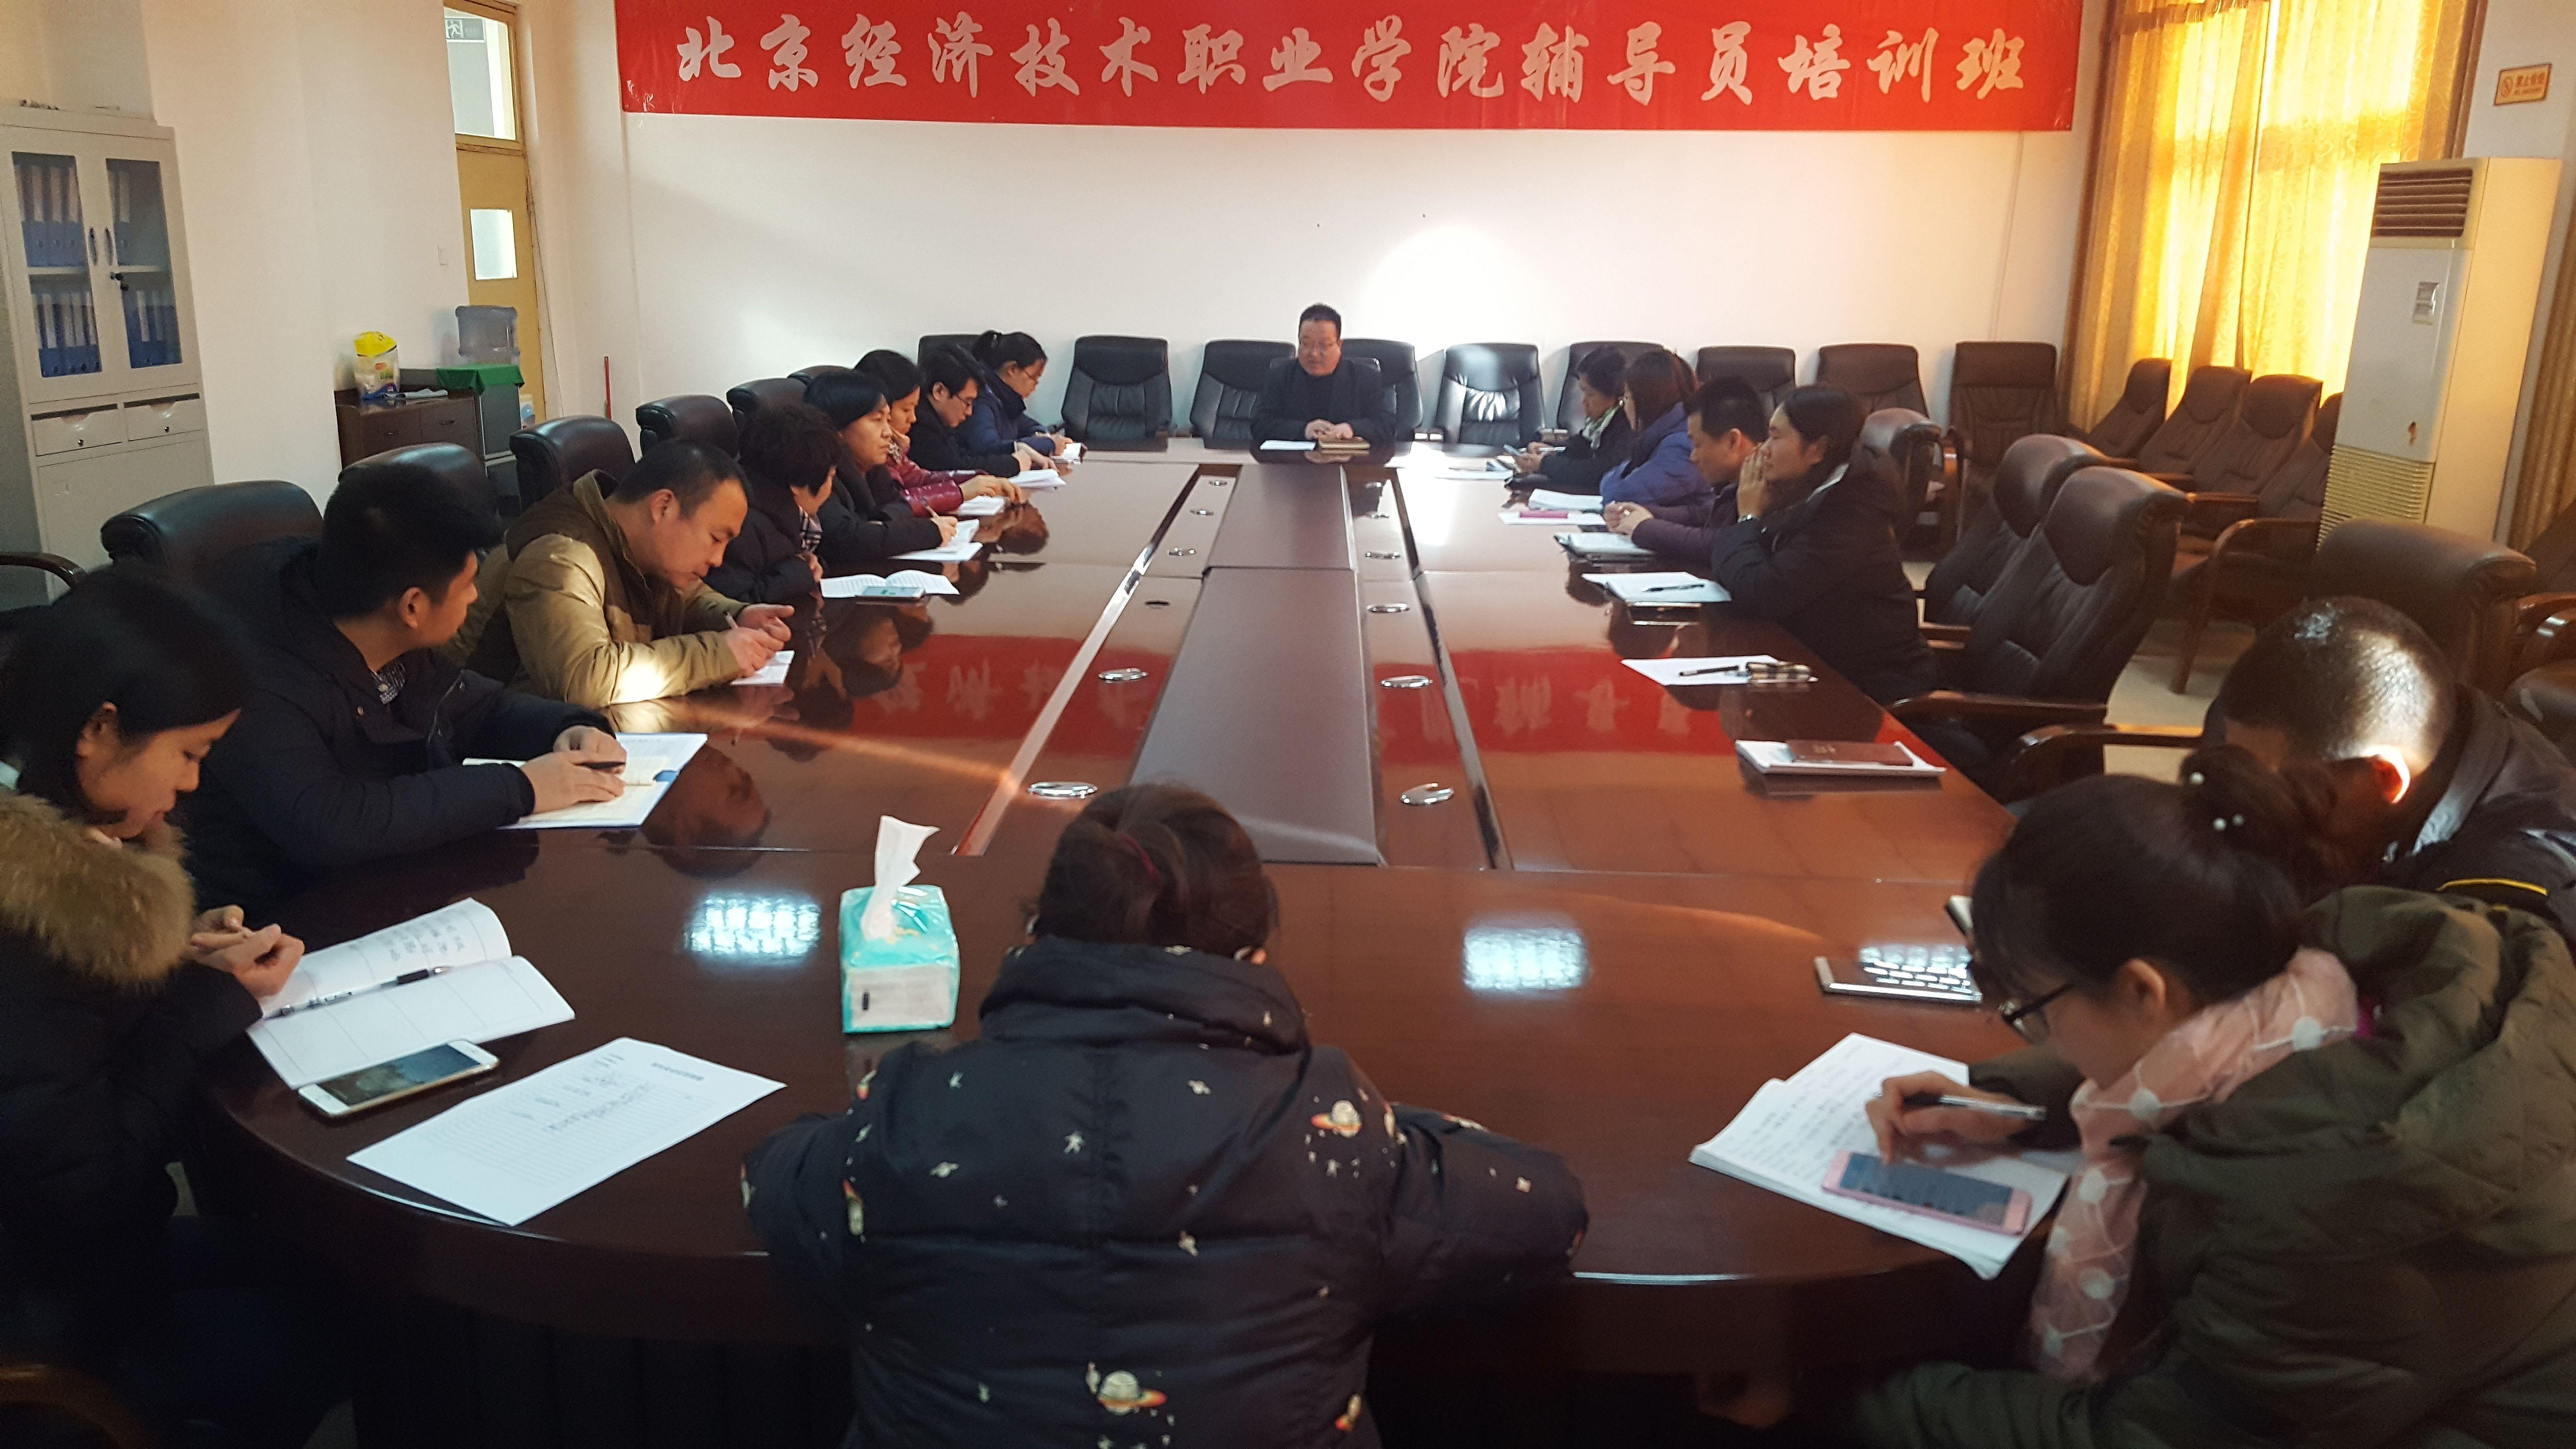 北京经济技术职业学院举办2016年辅导员培训班